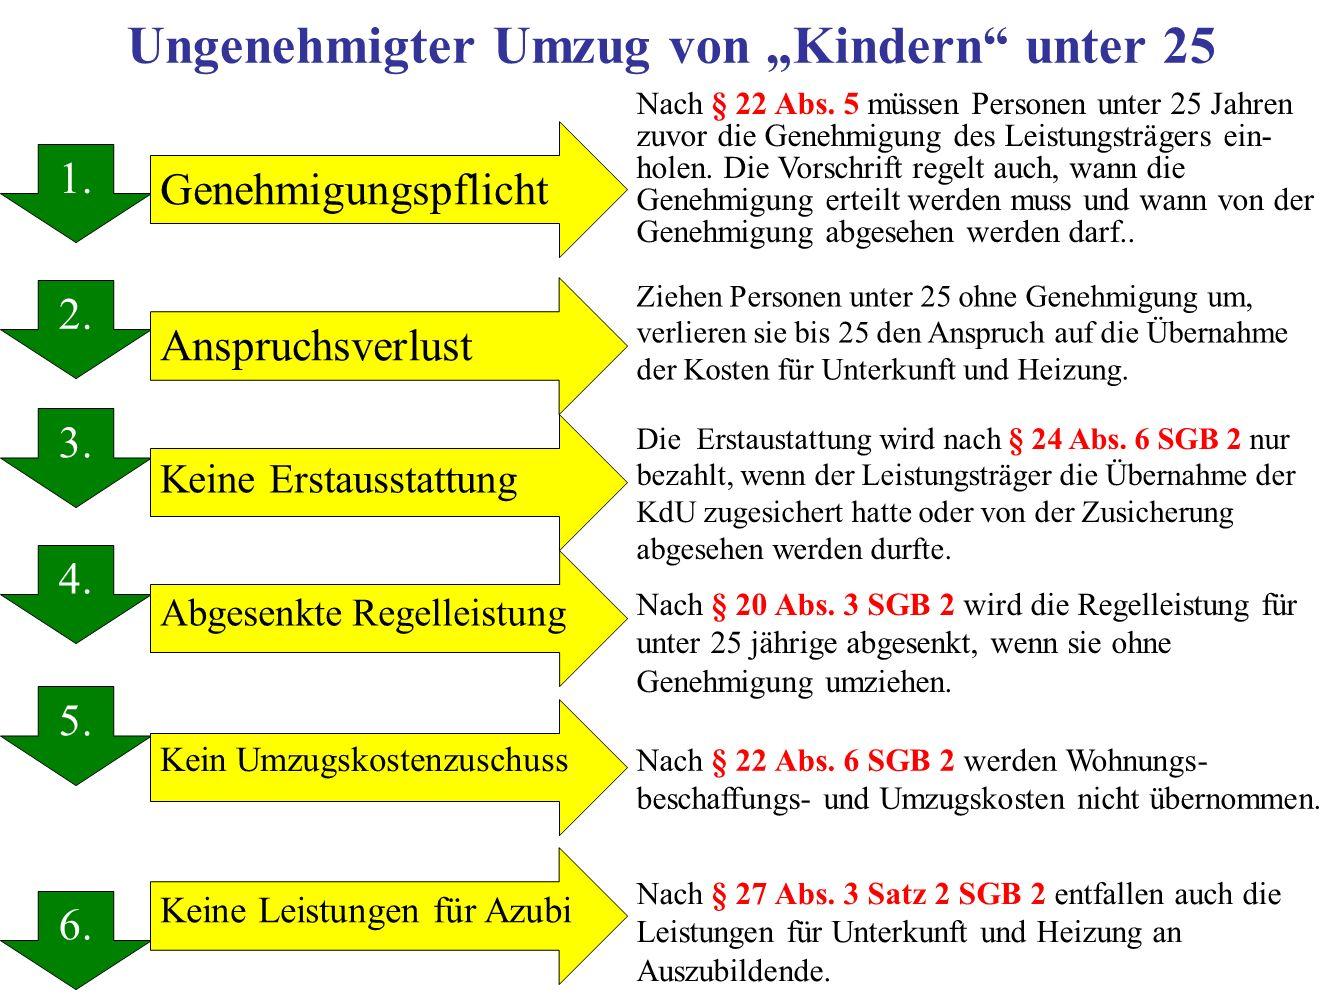 Ungenehmigter Umzug von Kindern unter 25 1.2. 3. 4.